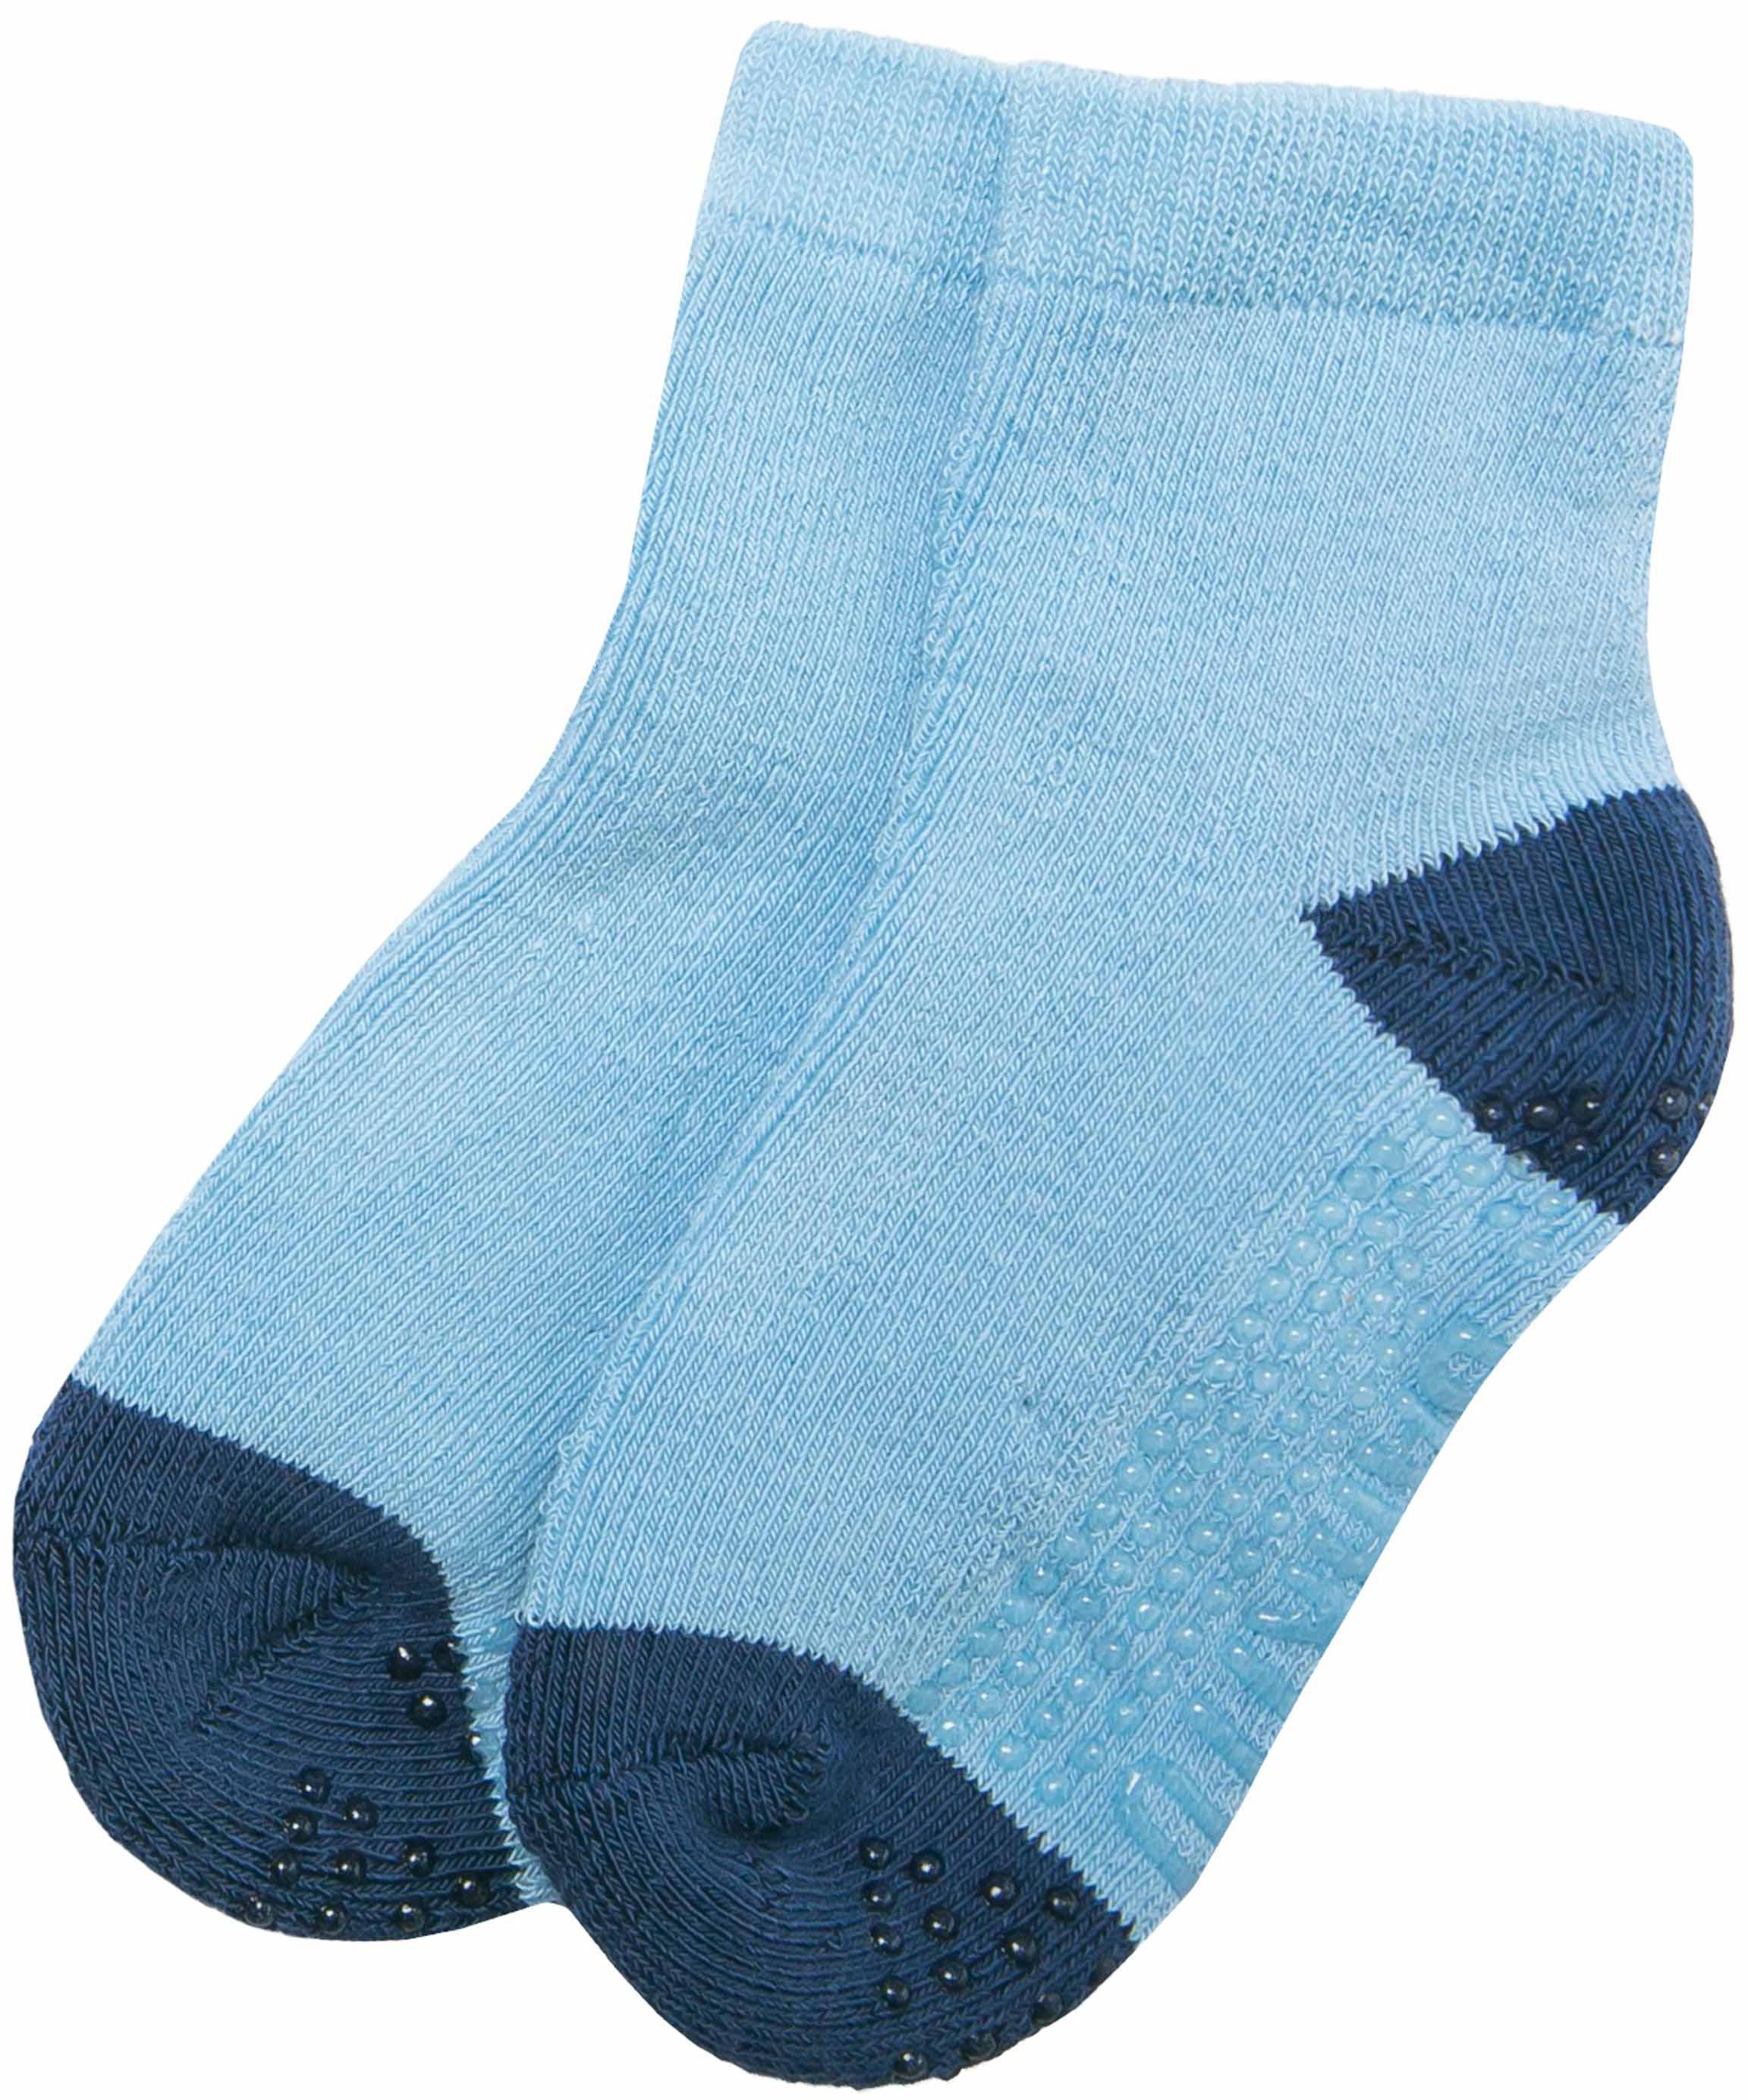 Носки для мальчика Barkito махровые антискользящие